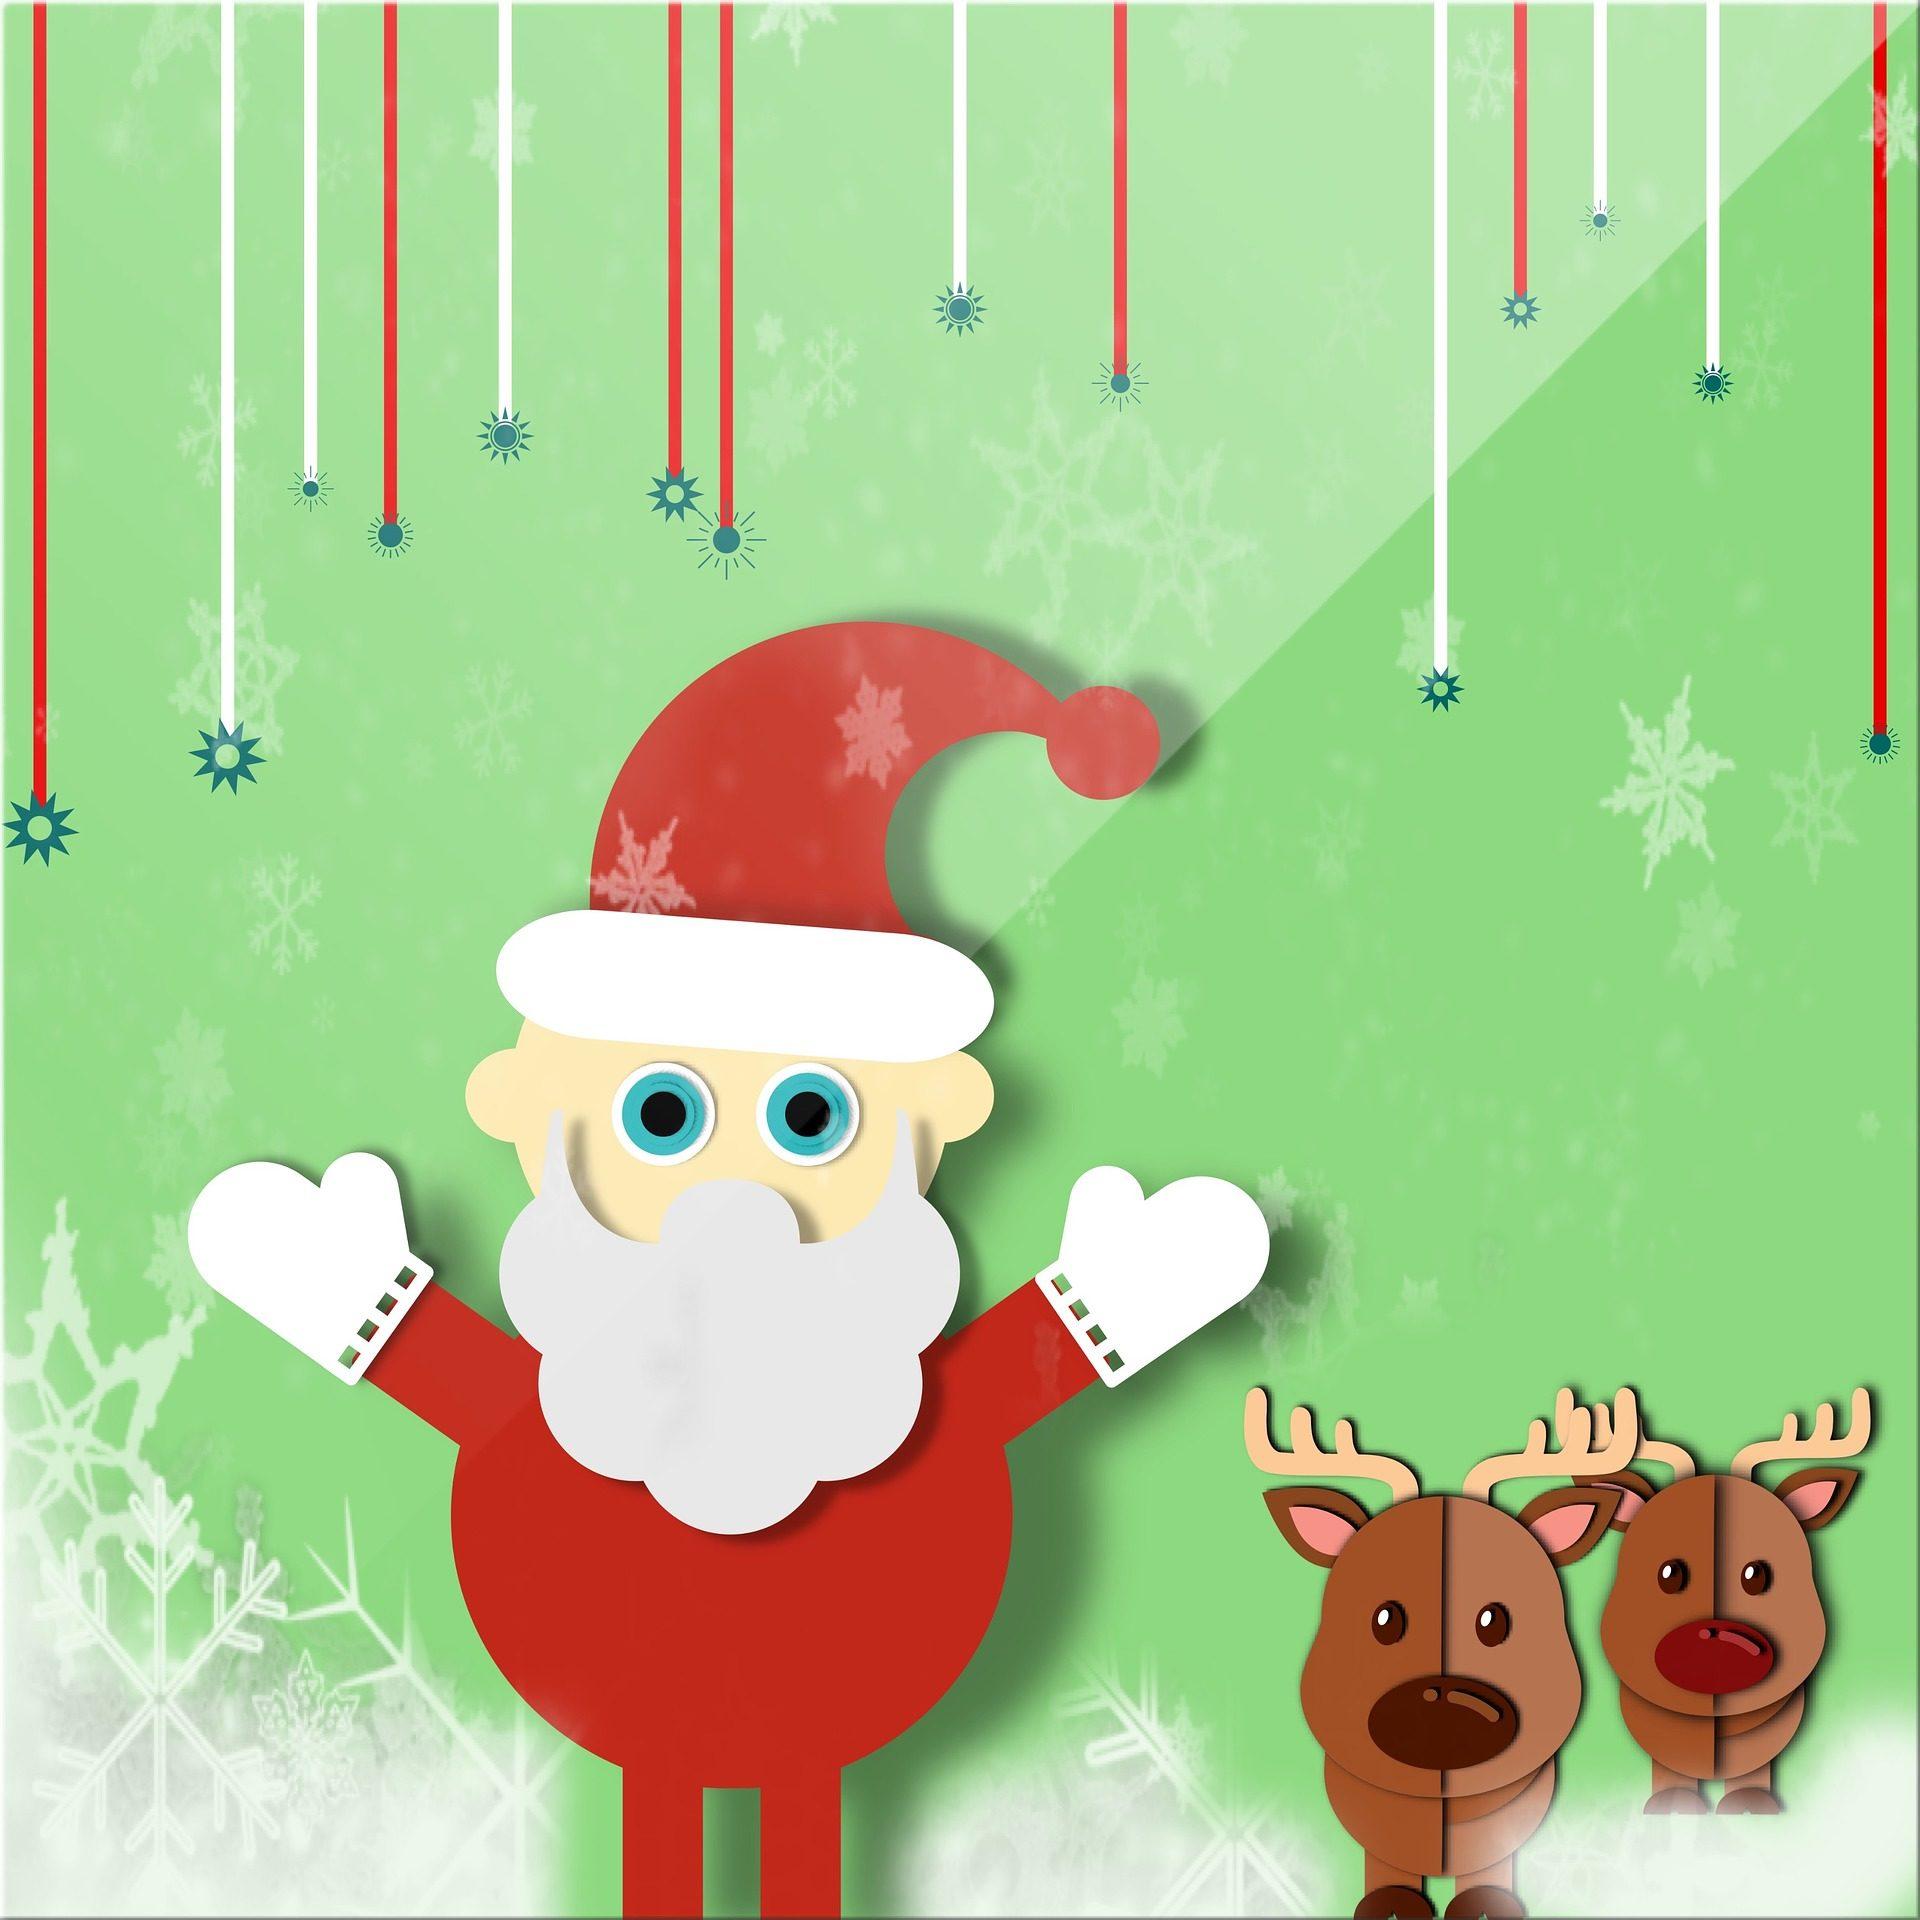 santa claus, Papai noel, Rena, cartão, saudação, neve, Natal - Papéis de parede HD - Professor-falken.com